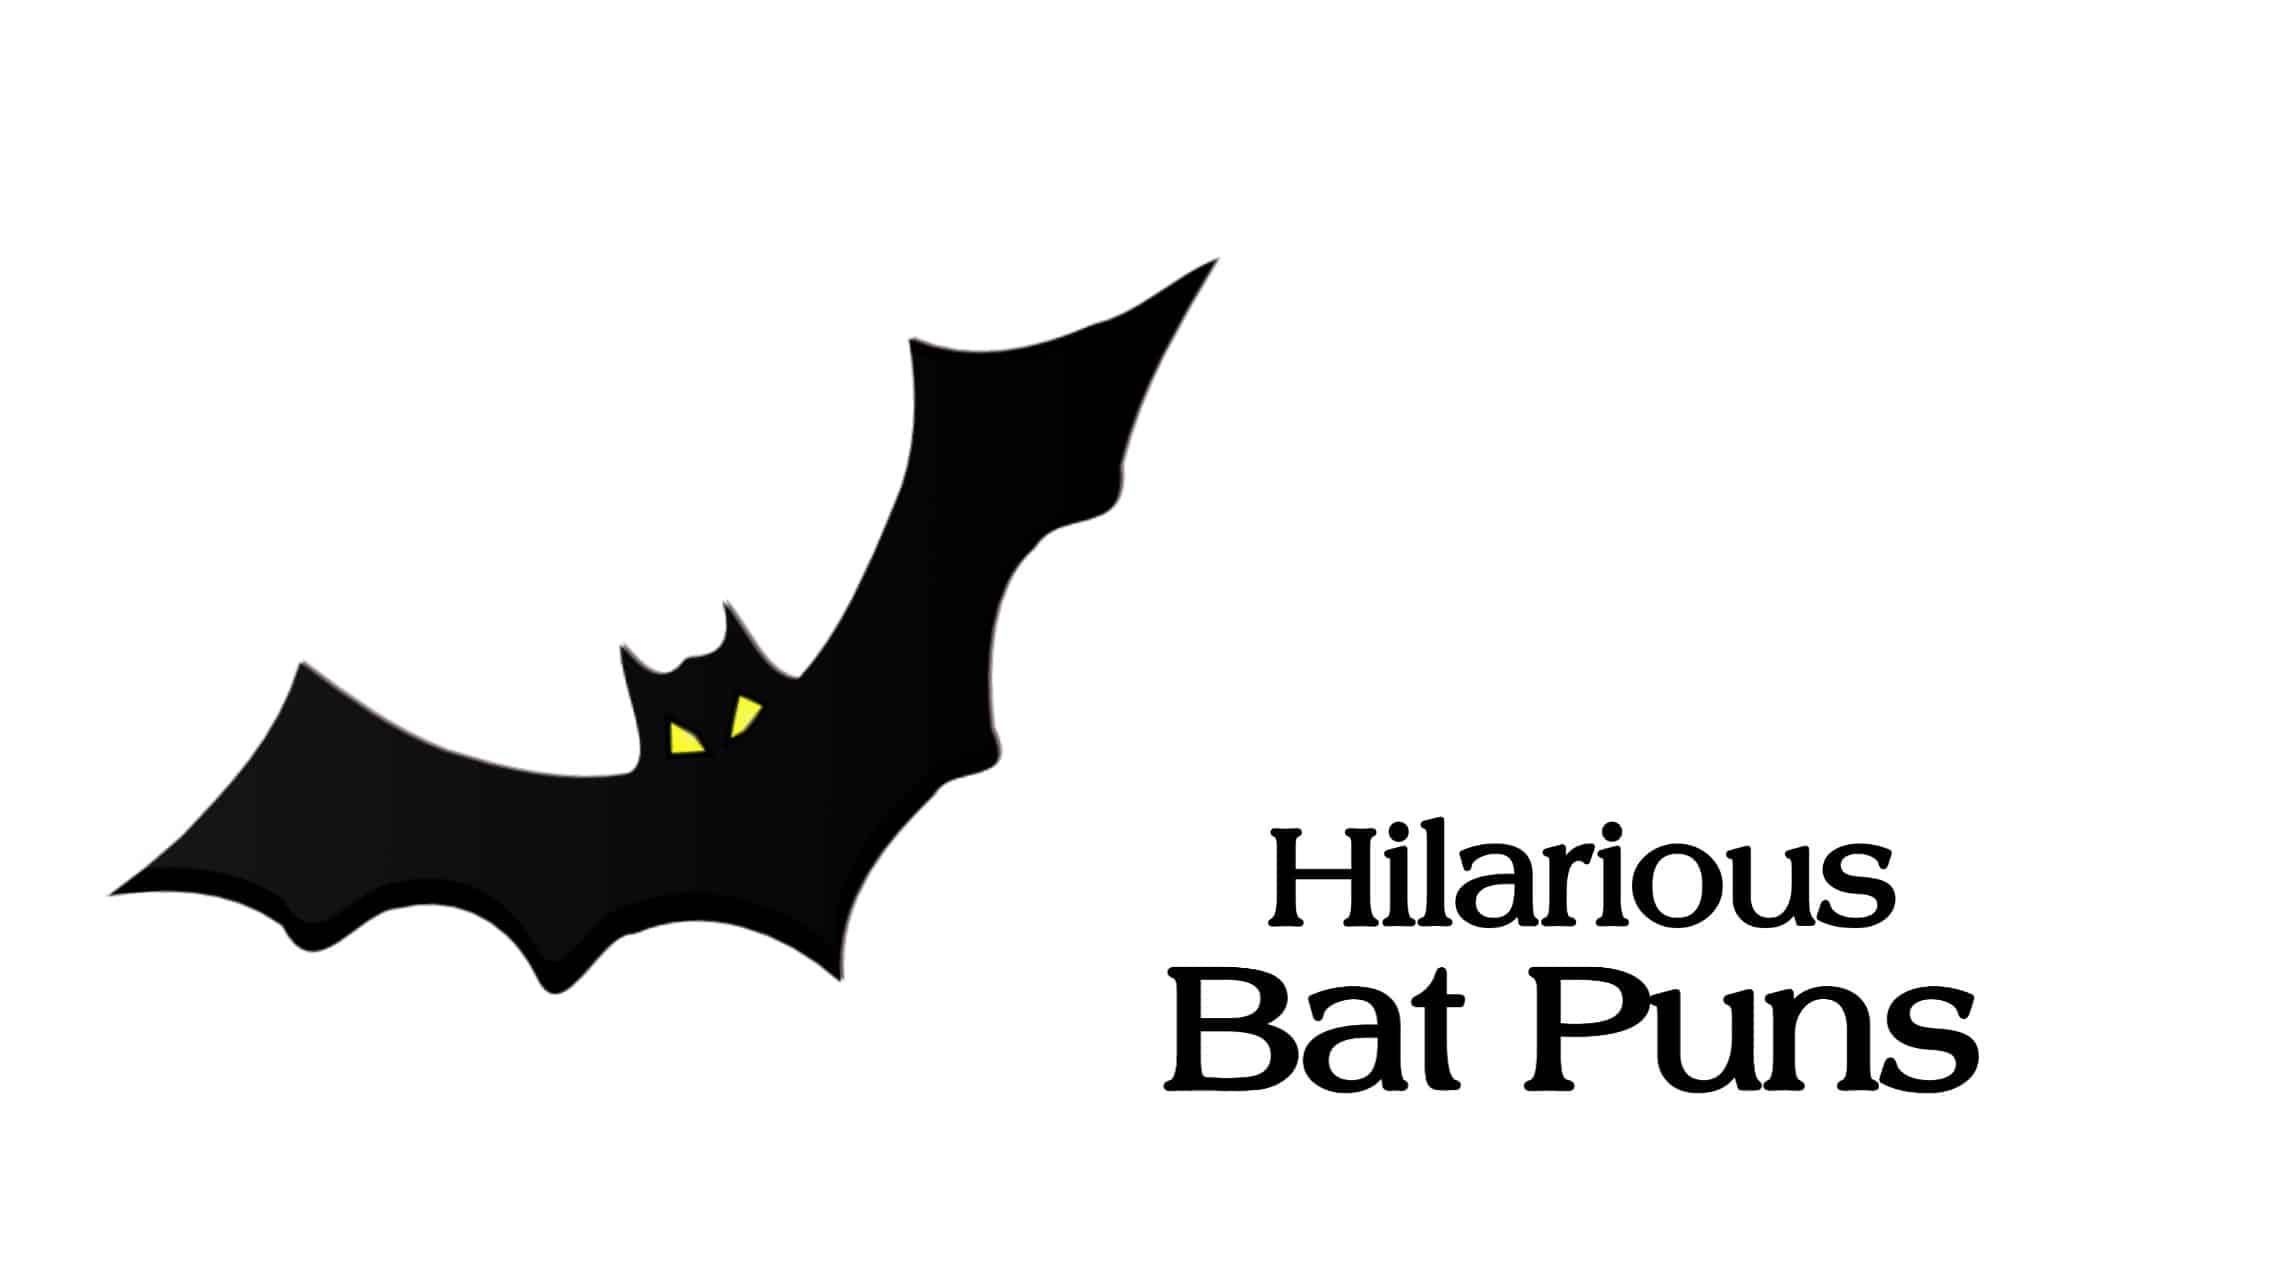 bat puns